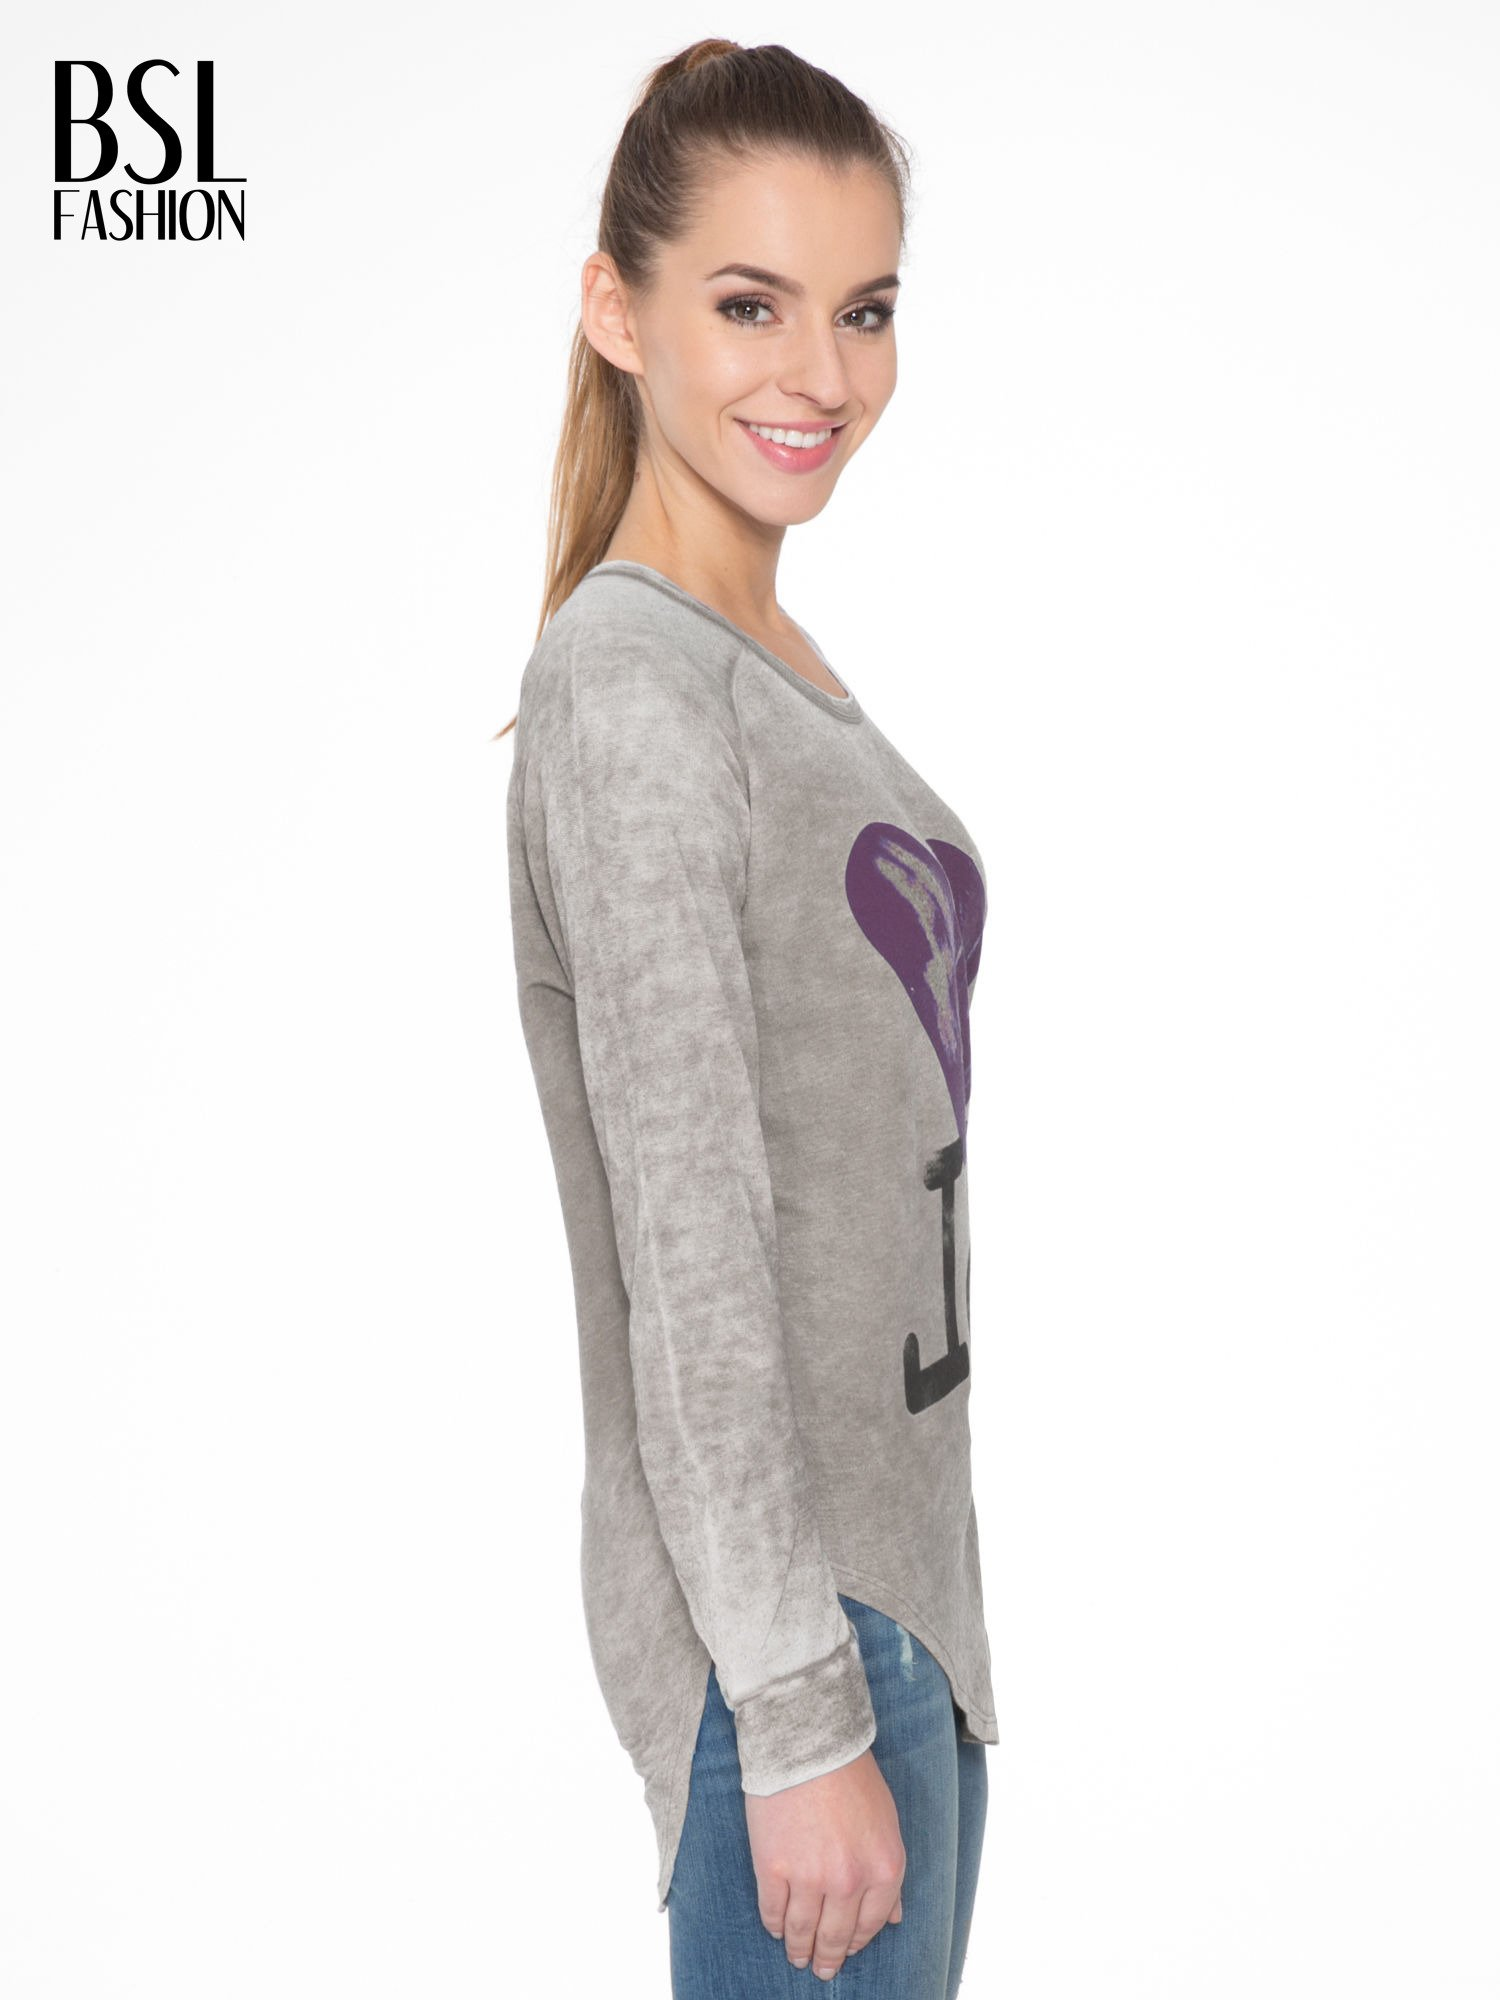 Szara bluzka z nadrukiem I LOVE BSL i efektem sprania                                  zdj.                                  3